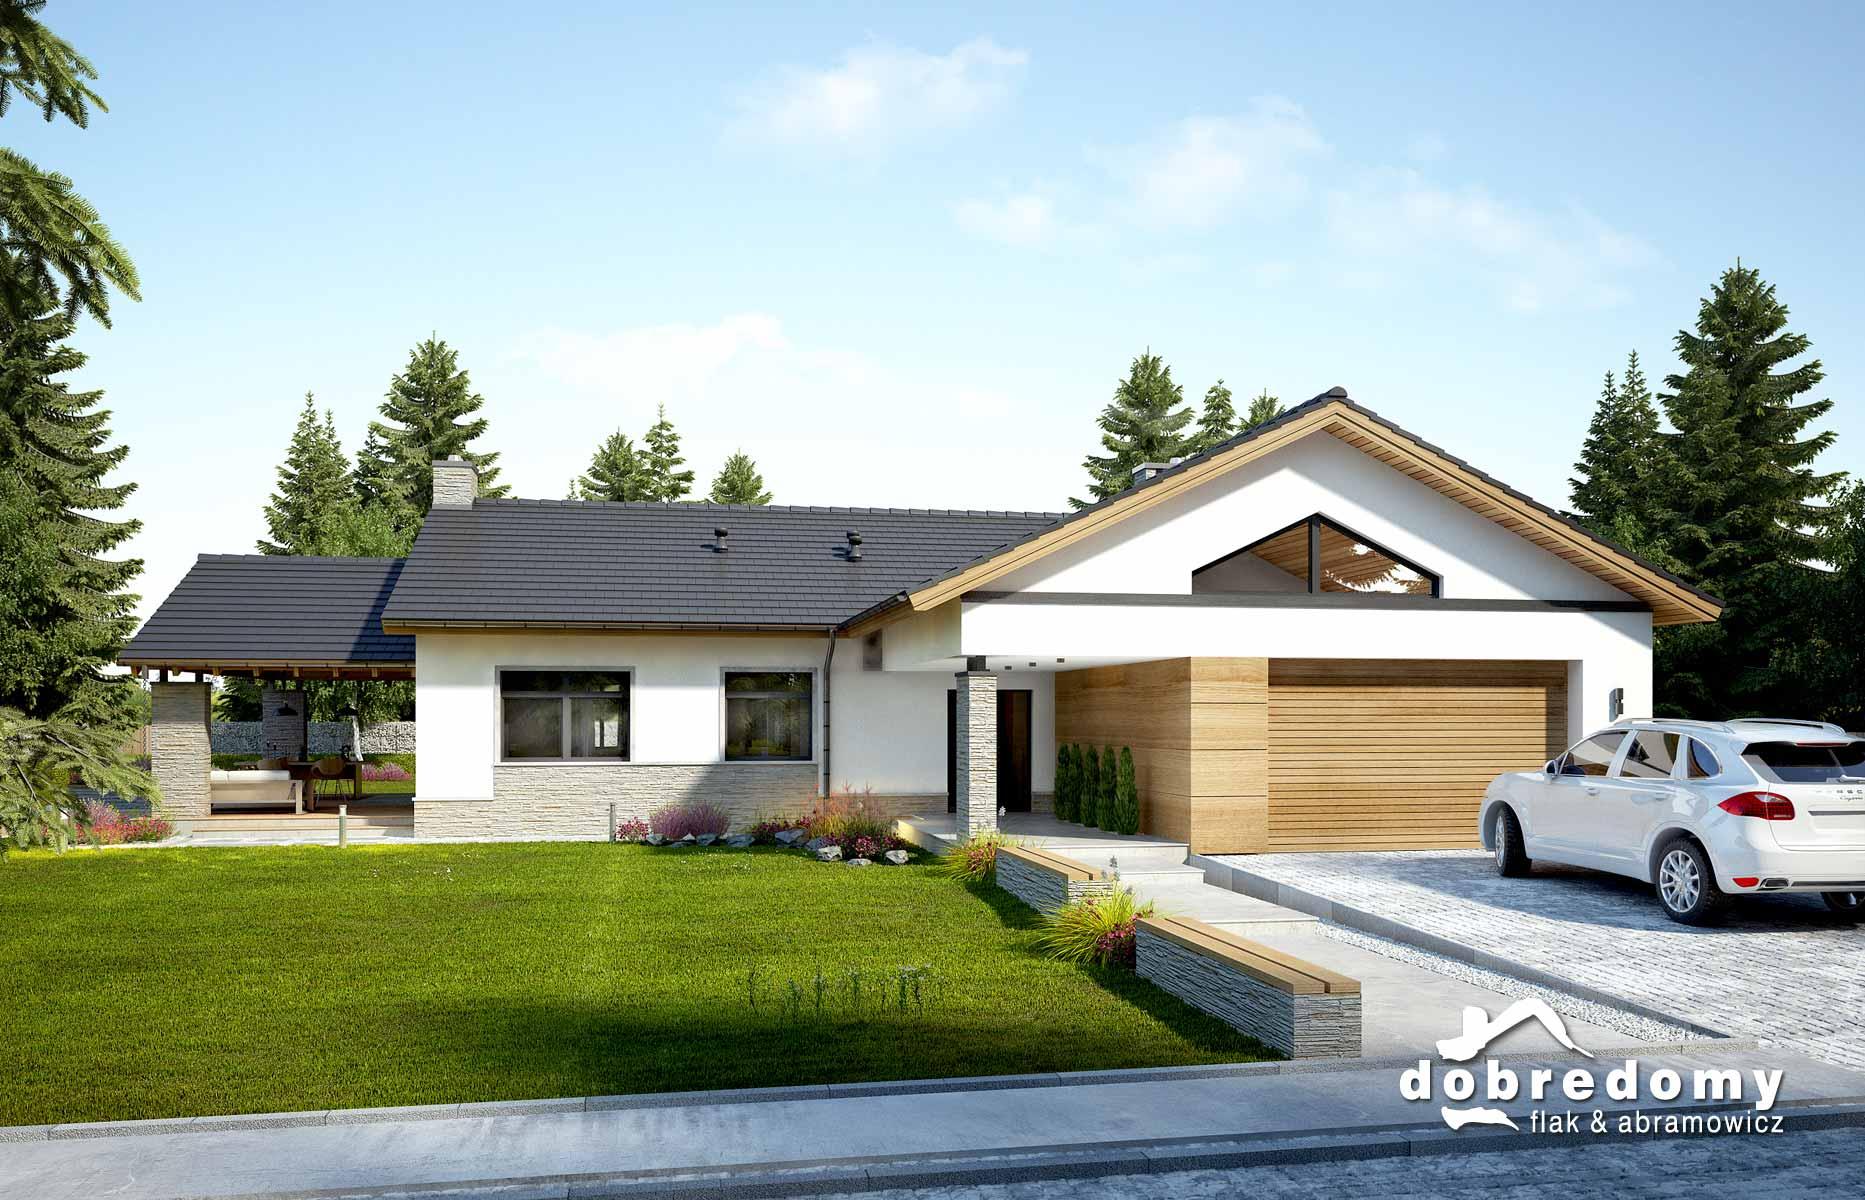 Architekt adaptujący – jaka jest jego rola w trakcie przygotowań do budowy domu